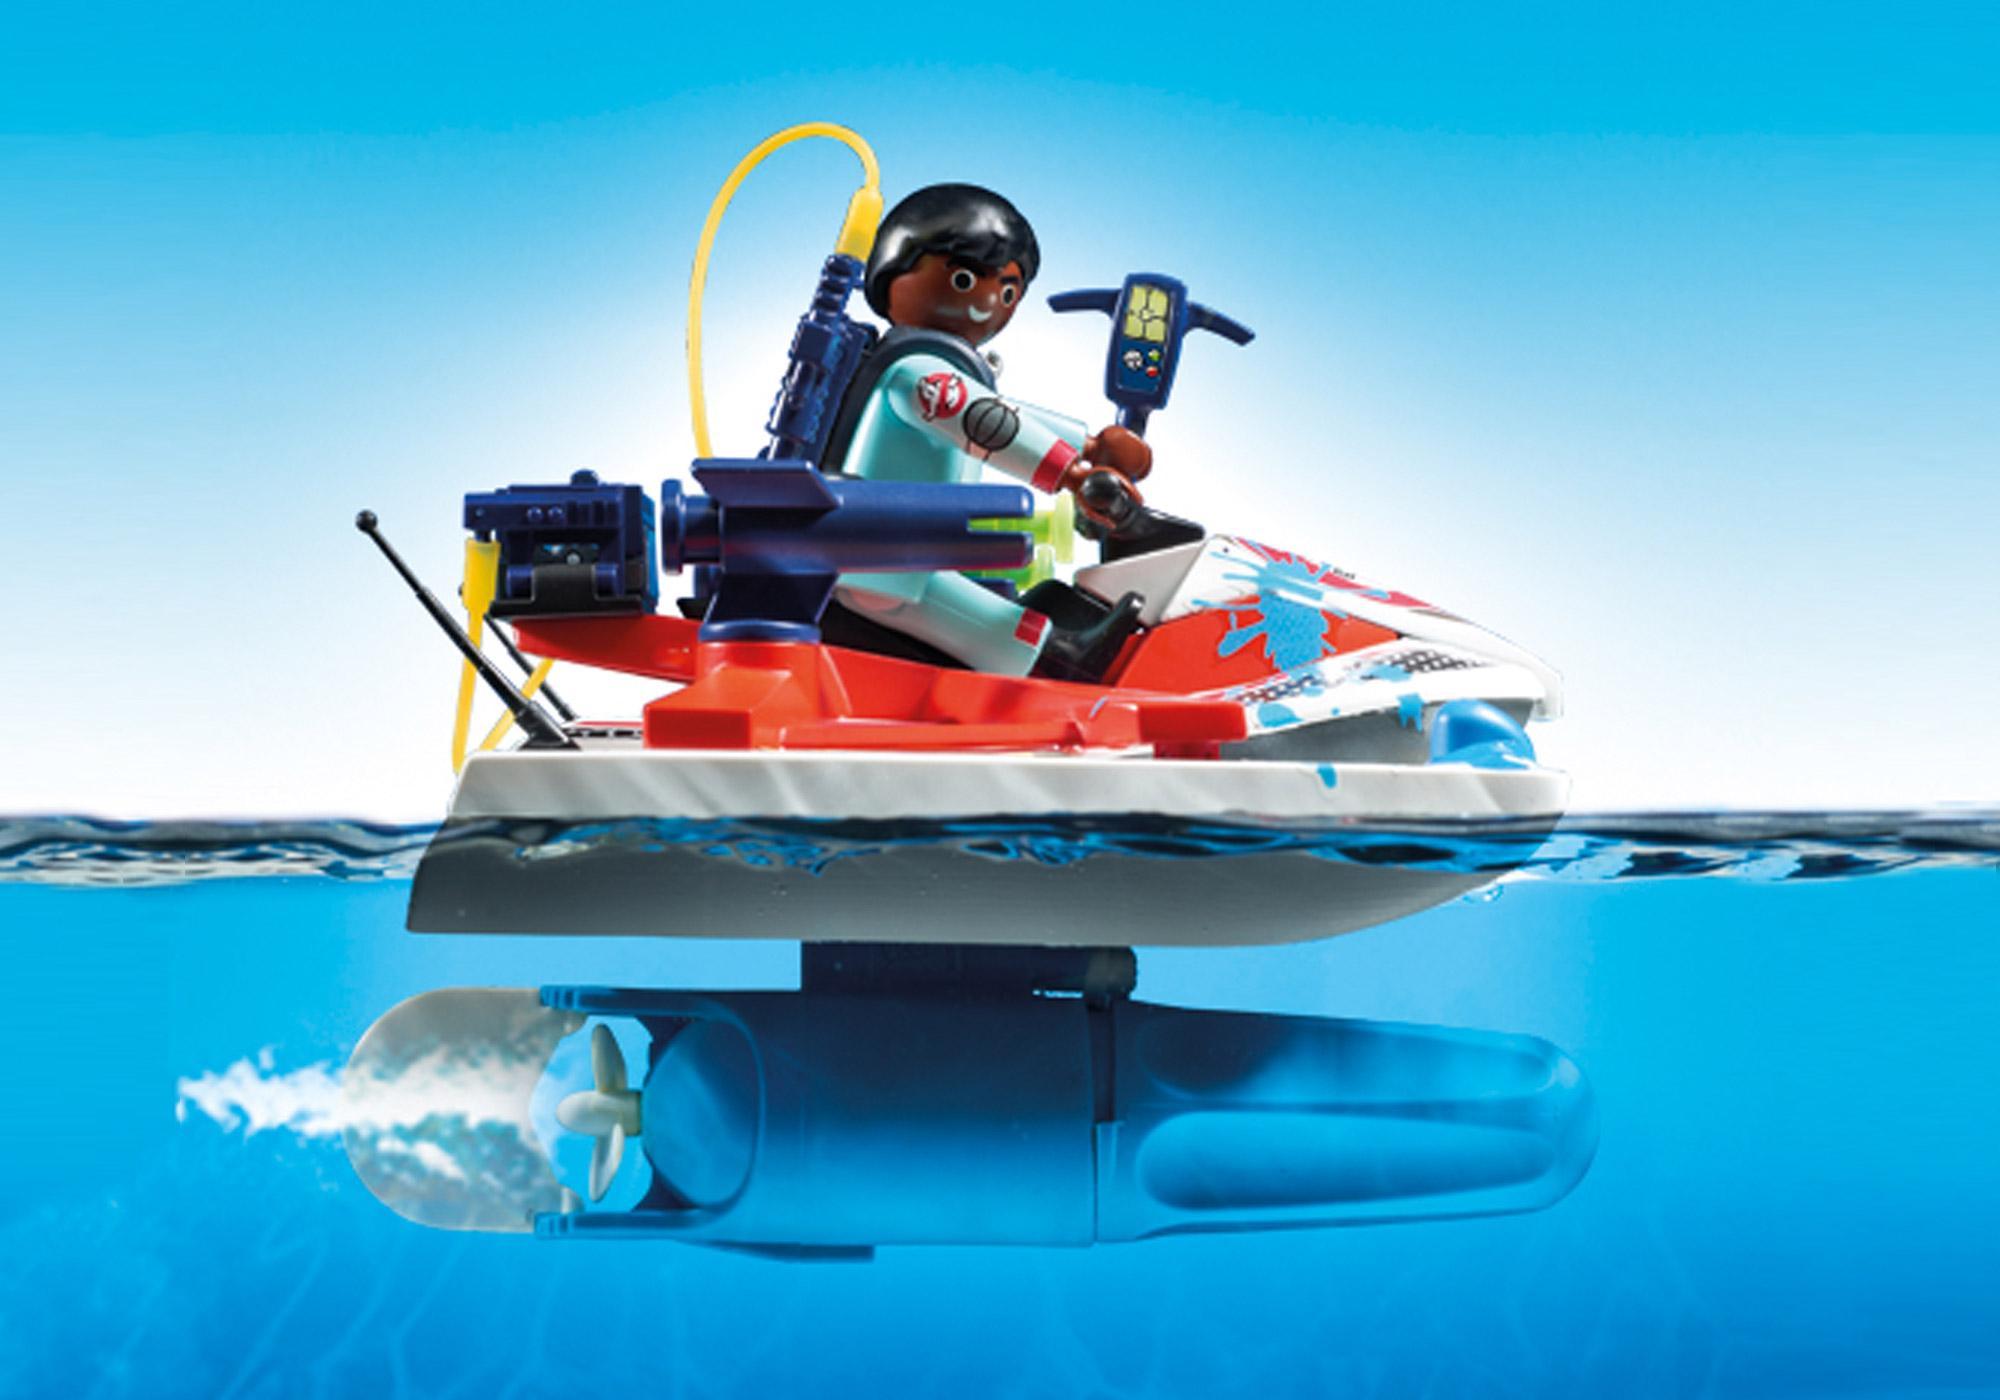 http://media.playmobil.com/i/playmobil/9387_product_extra3/Zeddemore com Moto de água